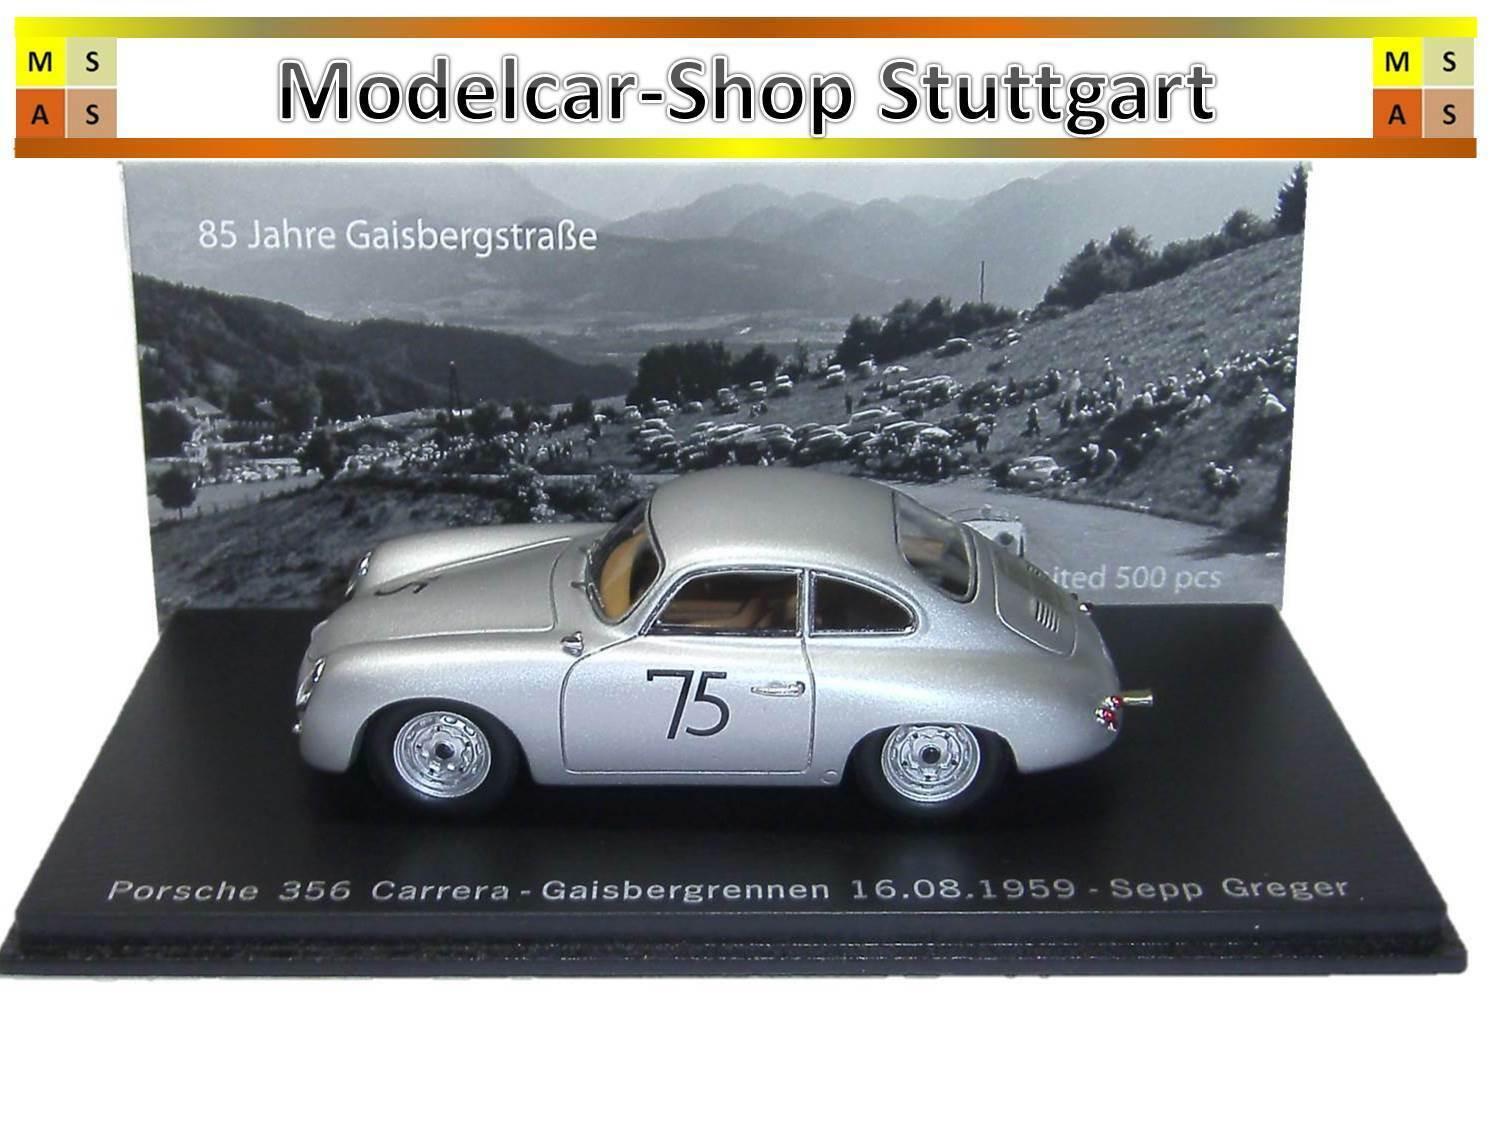 PORSCHE 356 voitureRERA Gaisberg Course 1959-Limousine  Edition-Spark 1 43  authentique